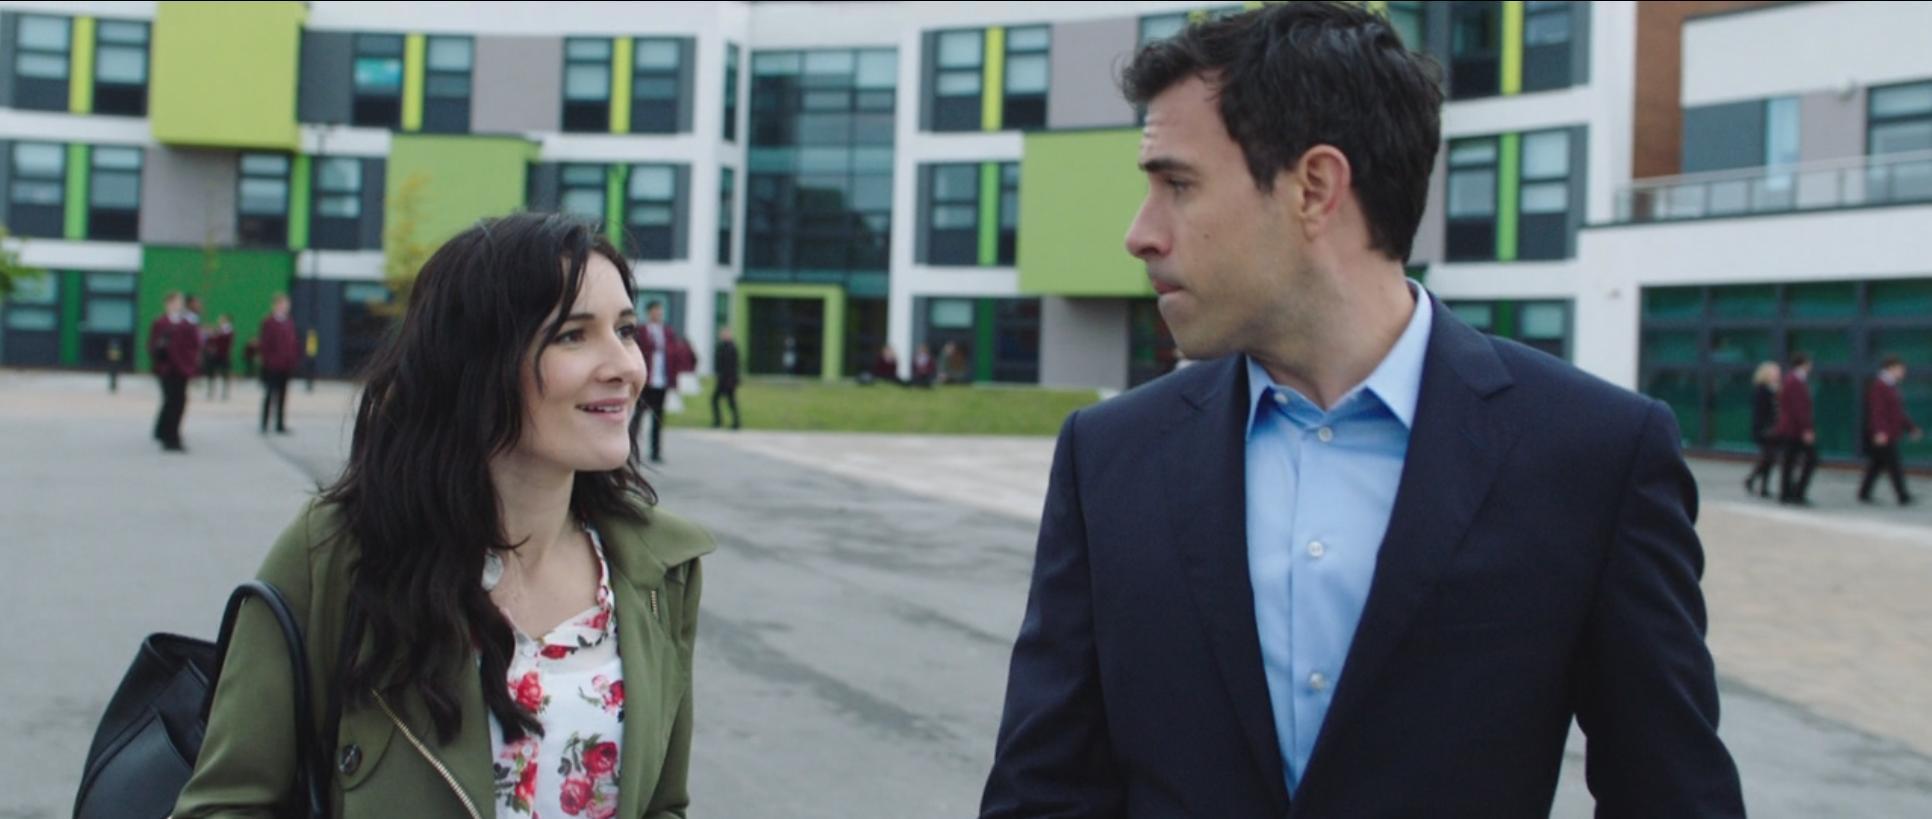 The Five: Episode #1.4 | Season 1 | Episode 4